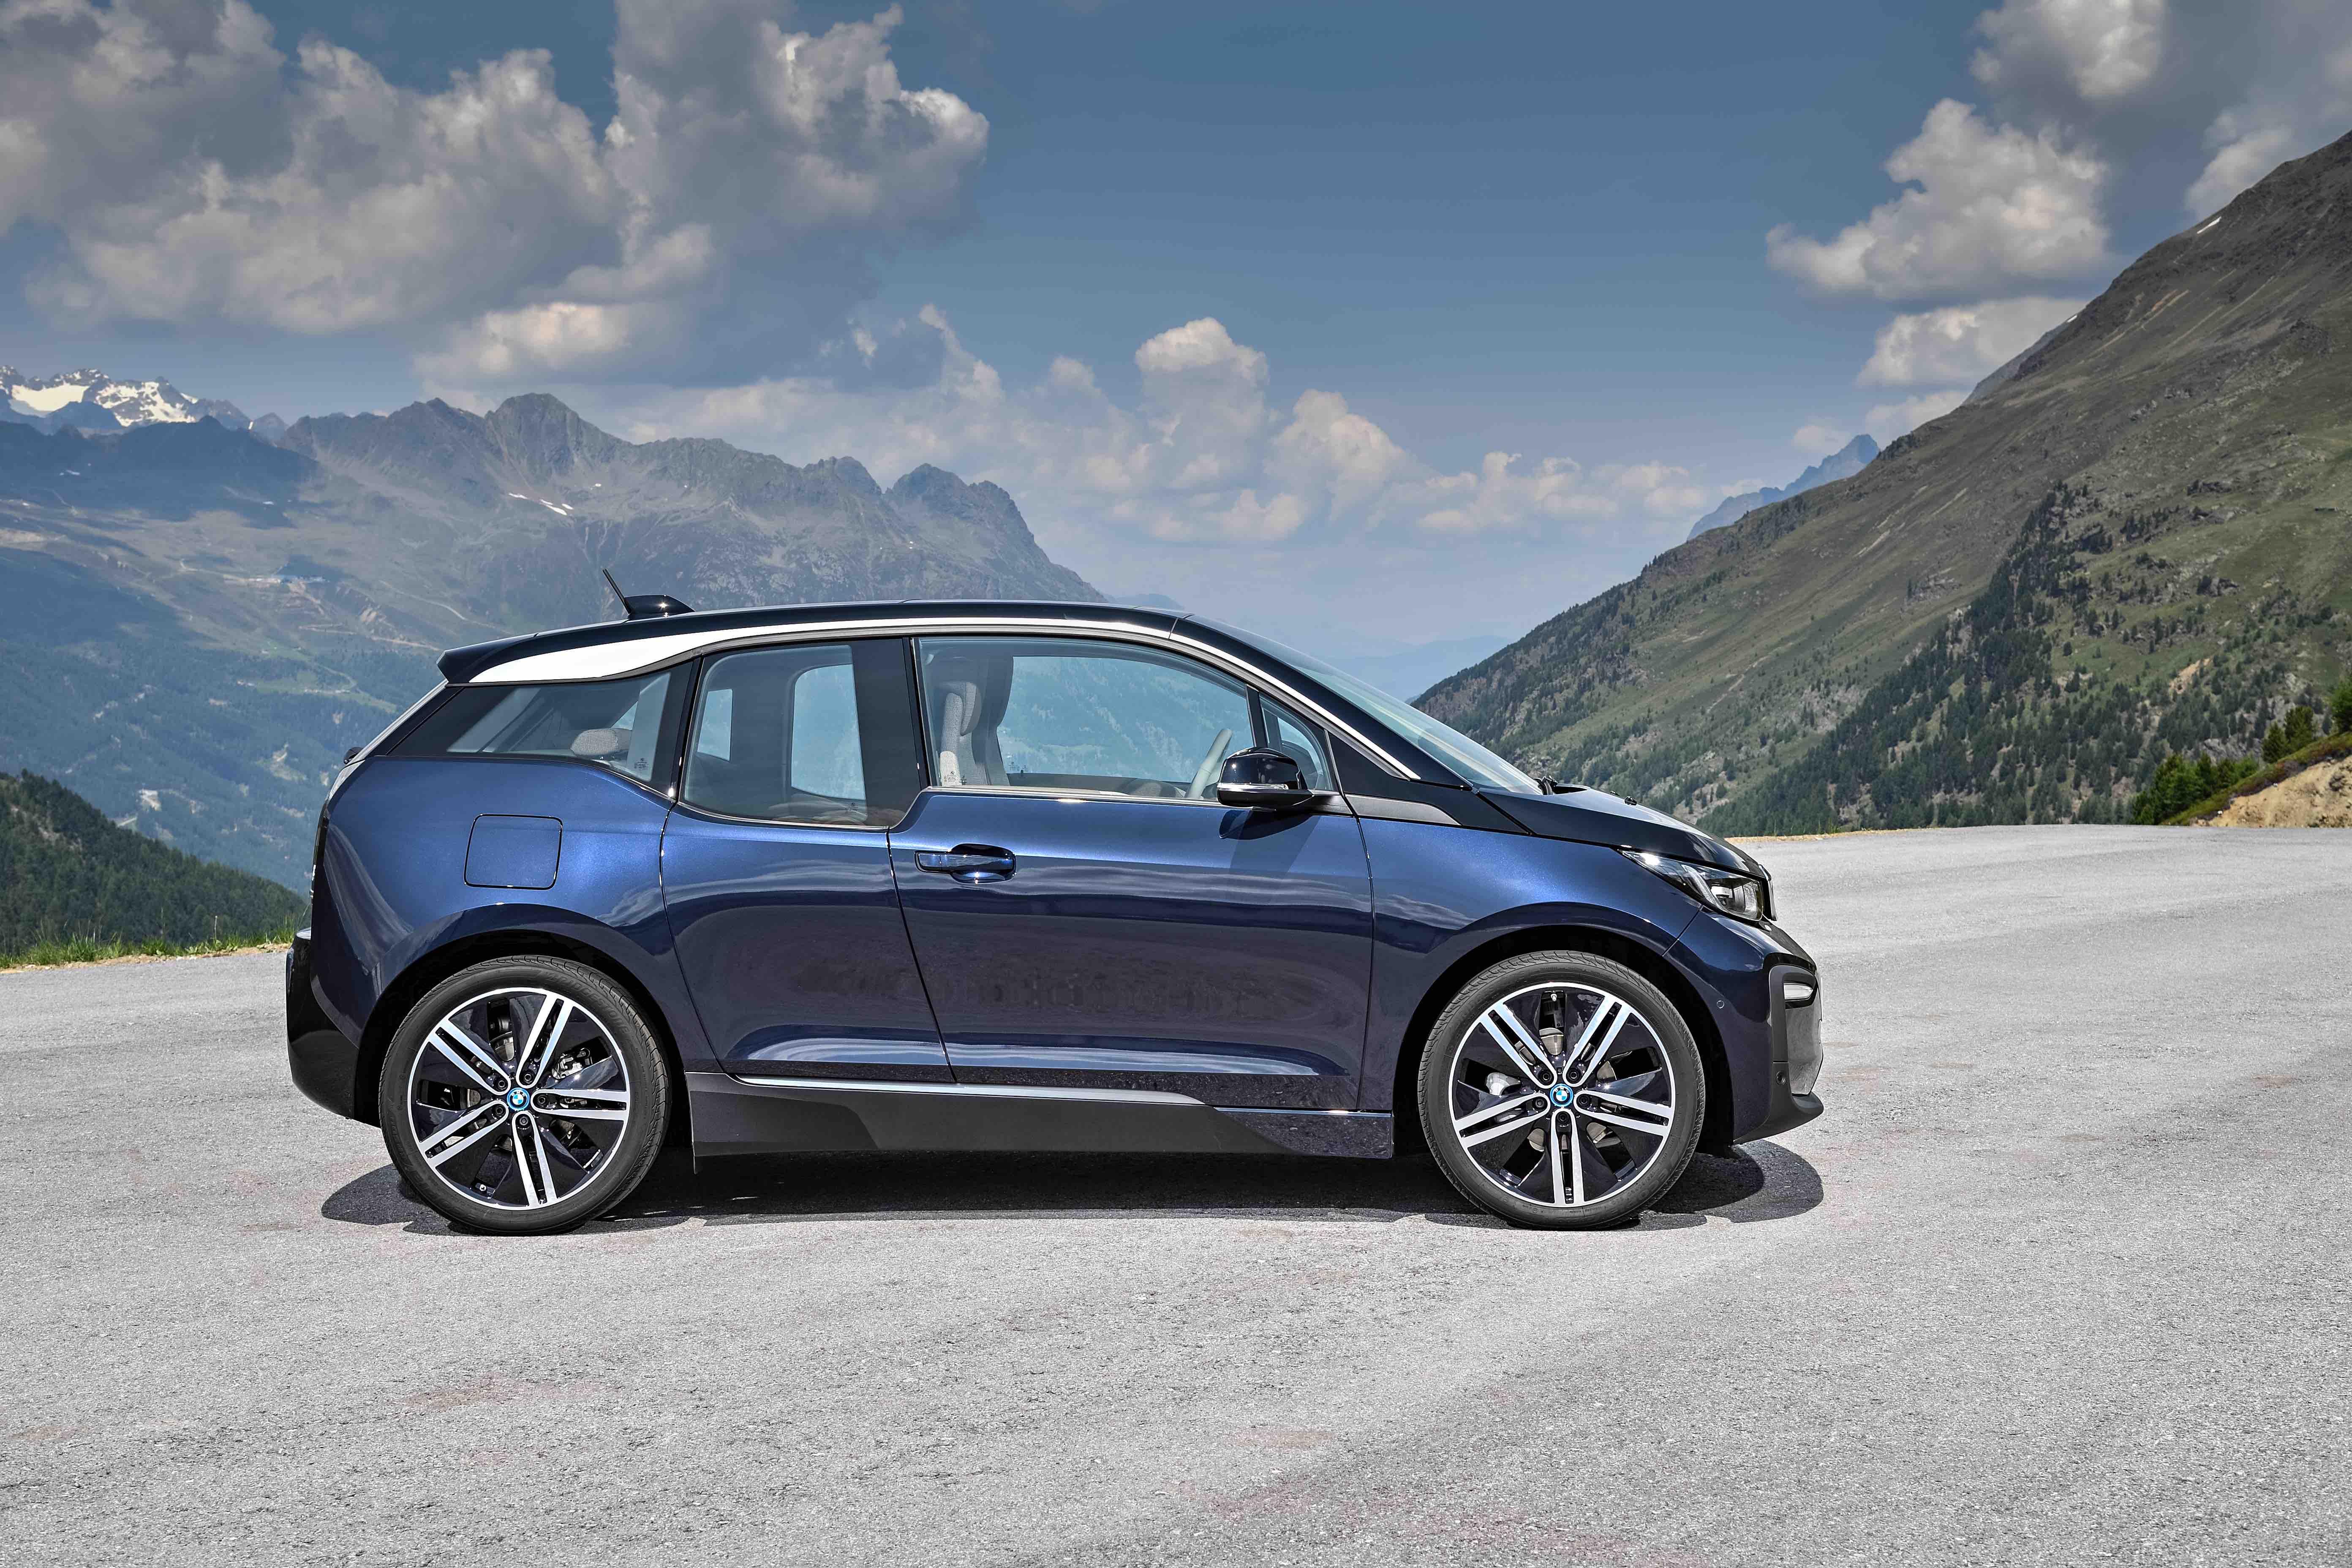 Elétrico, BMW i3 chega com visual renovado e mais autonomia